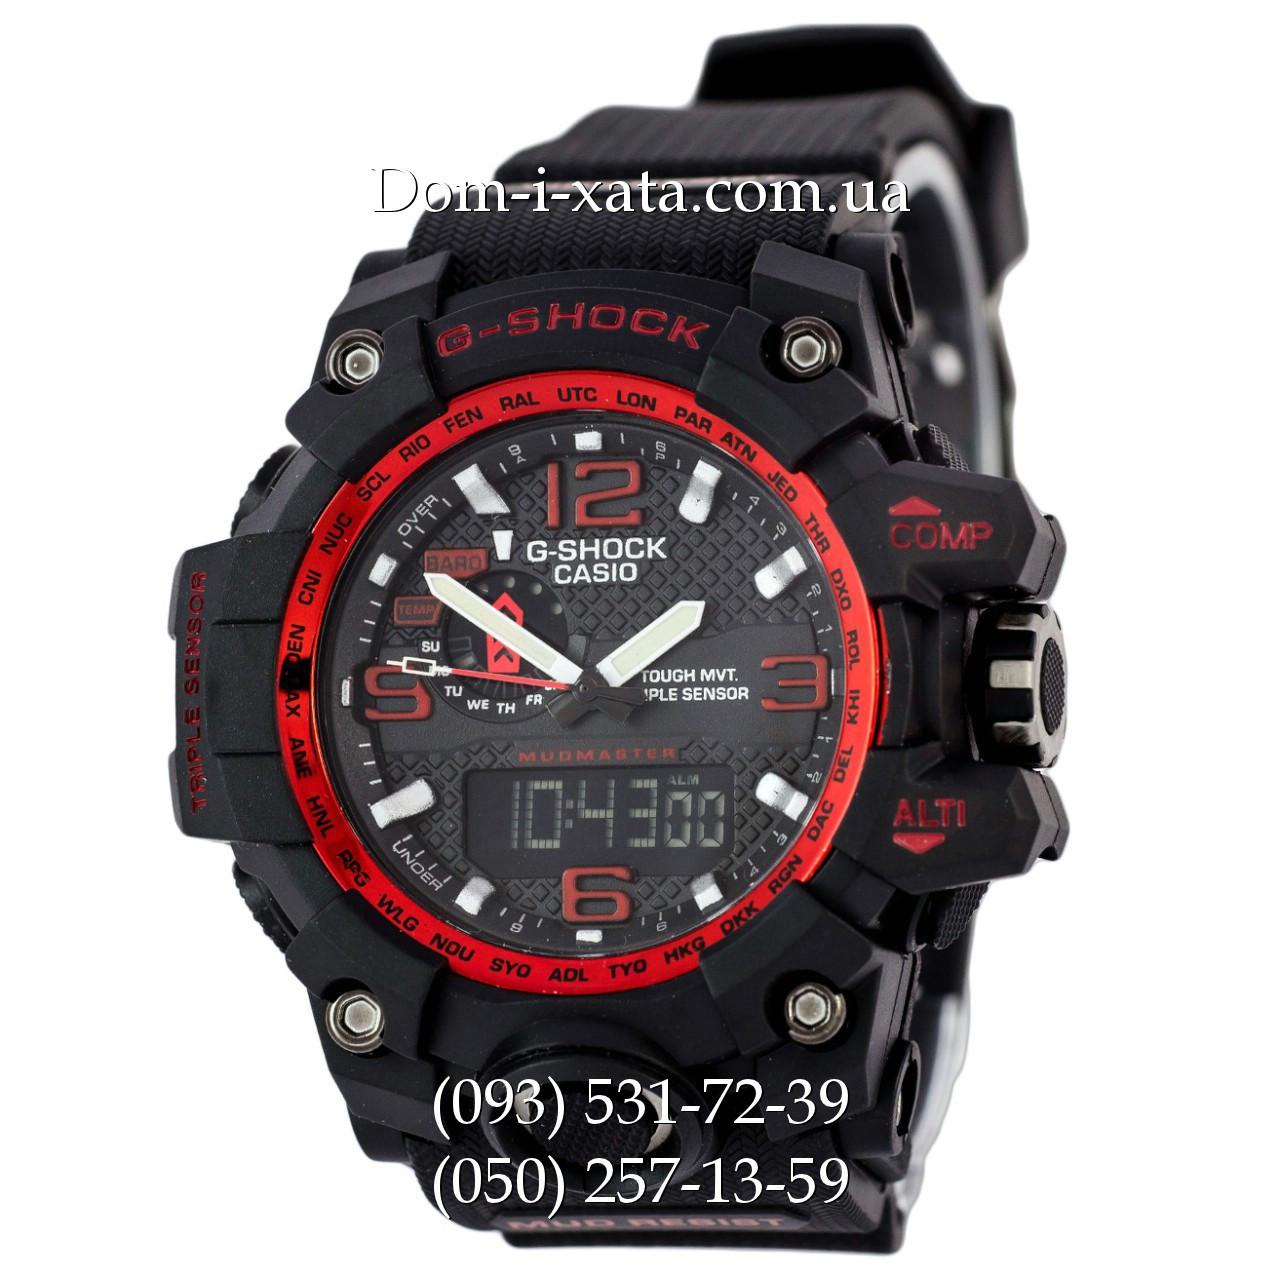 Электронные часы Casio G-Shock GWG 1000 Black/Red, Джи Шок черные, красный циферблат, реплика отличное качество